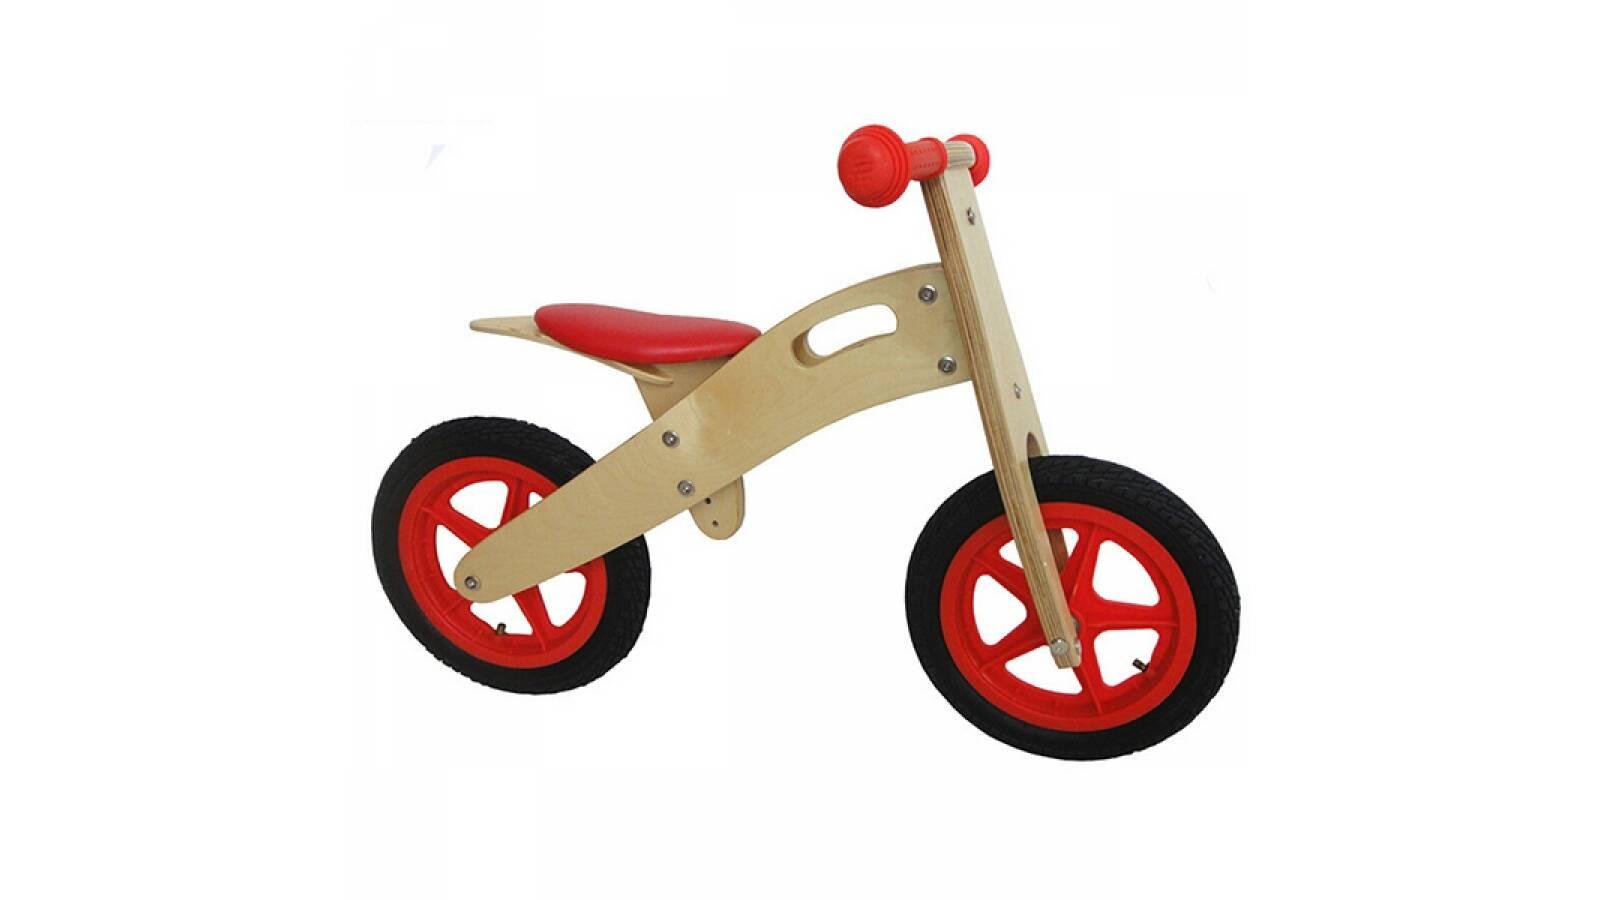 Bicicleta para niños de madera roja - sin pedales tipo chivita